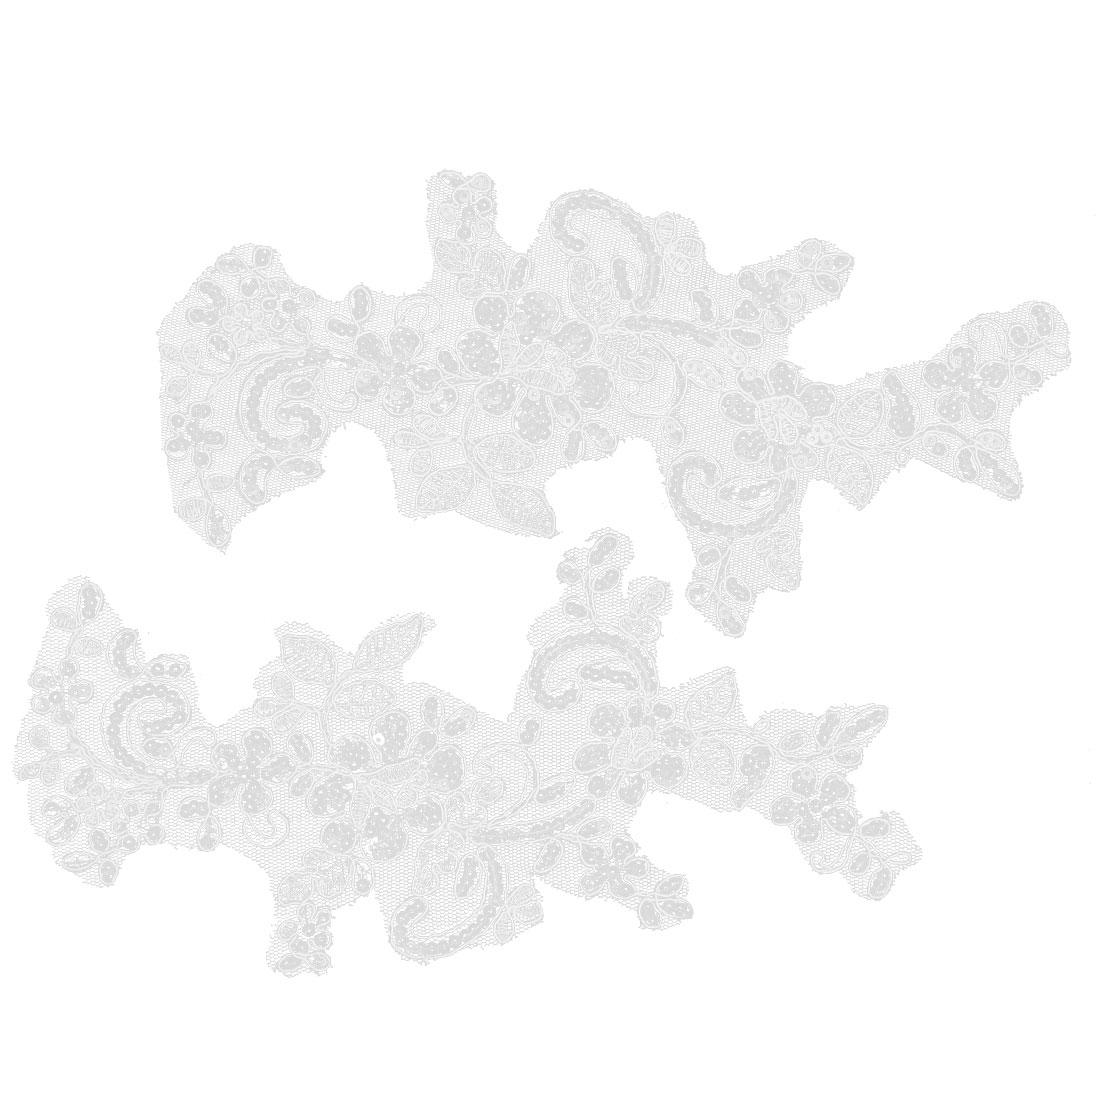 Wedding Bride Dress Veil Lace Trim Flower Applique Shiny Sequins Decor White Pair